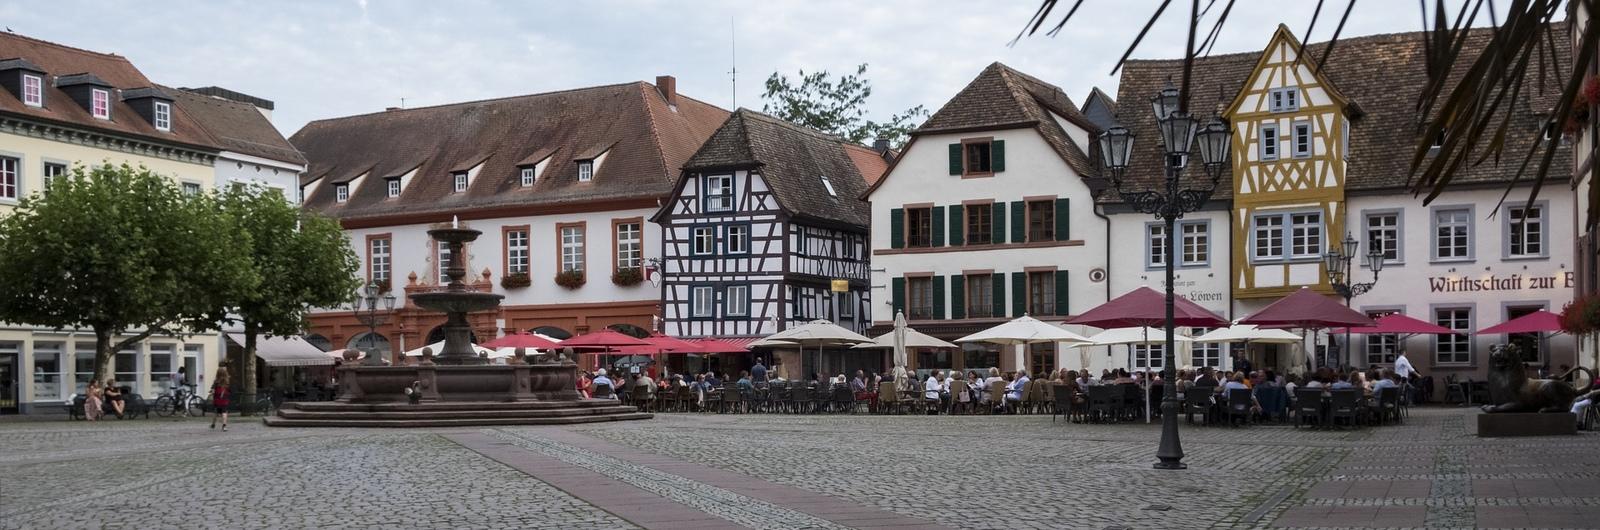 neustadt weinstrasse city header